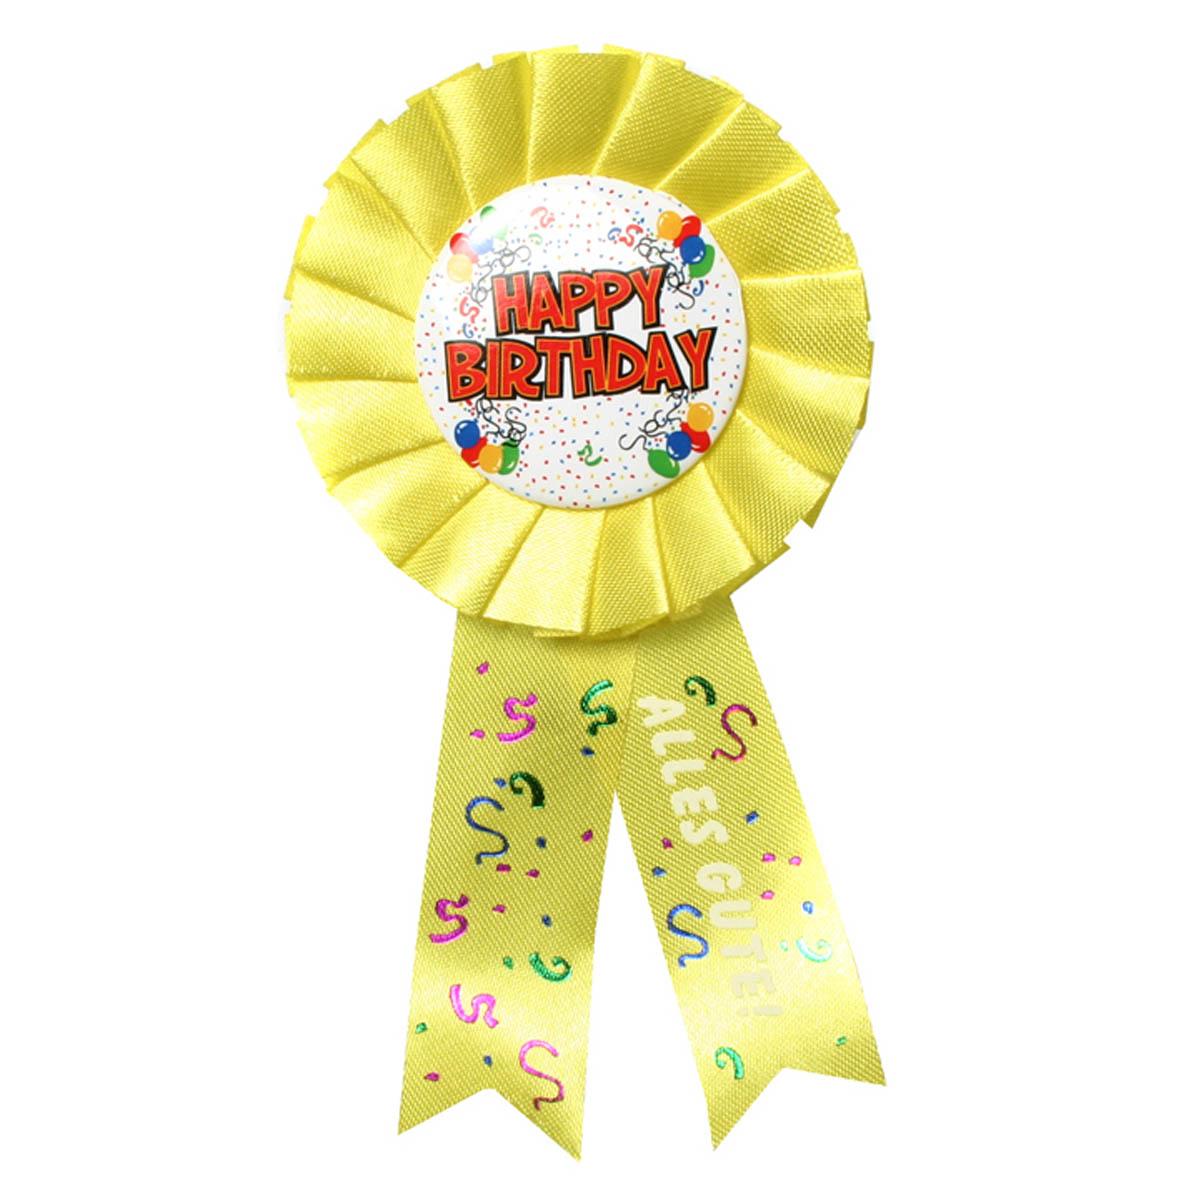 """Geburtstagsdekoration """"Happy Birthday"""" Geschenkidee Rosette Anstecker"""